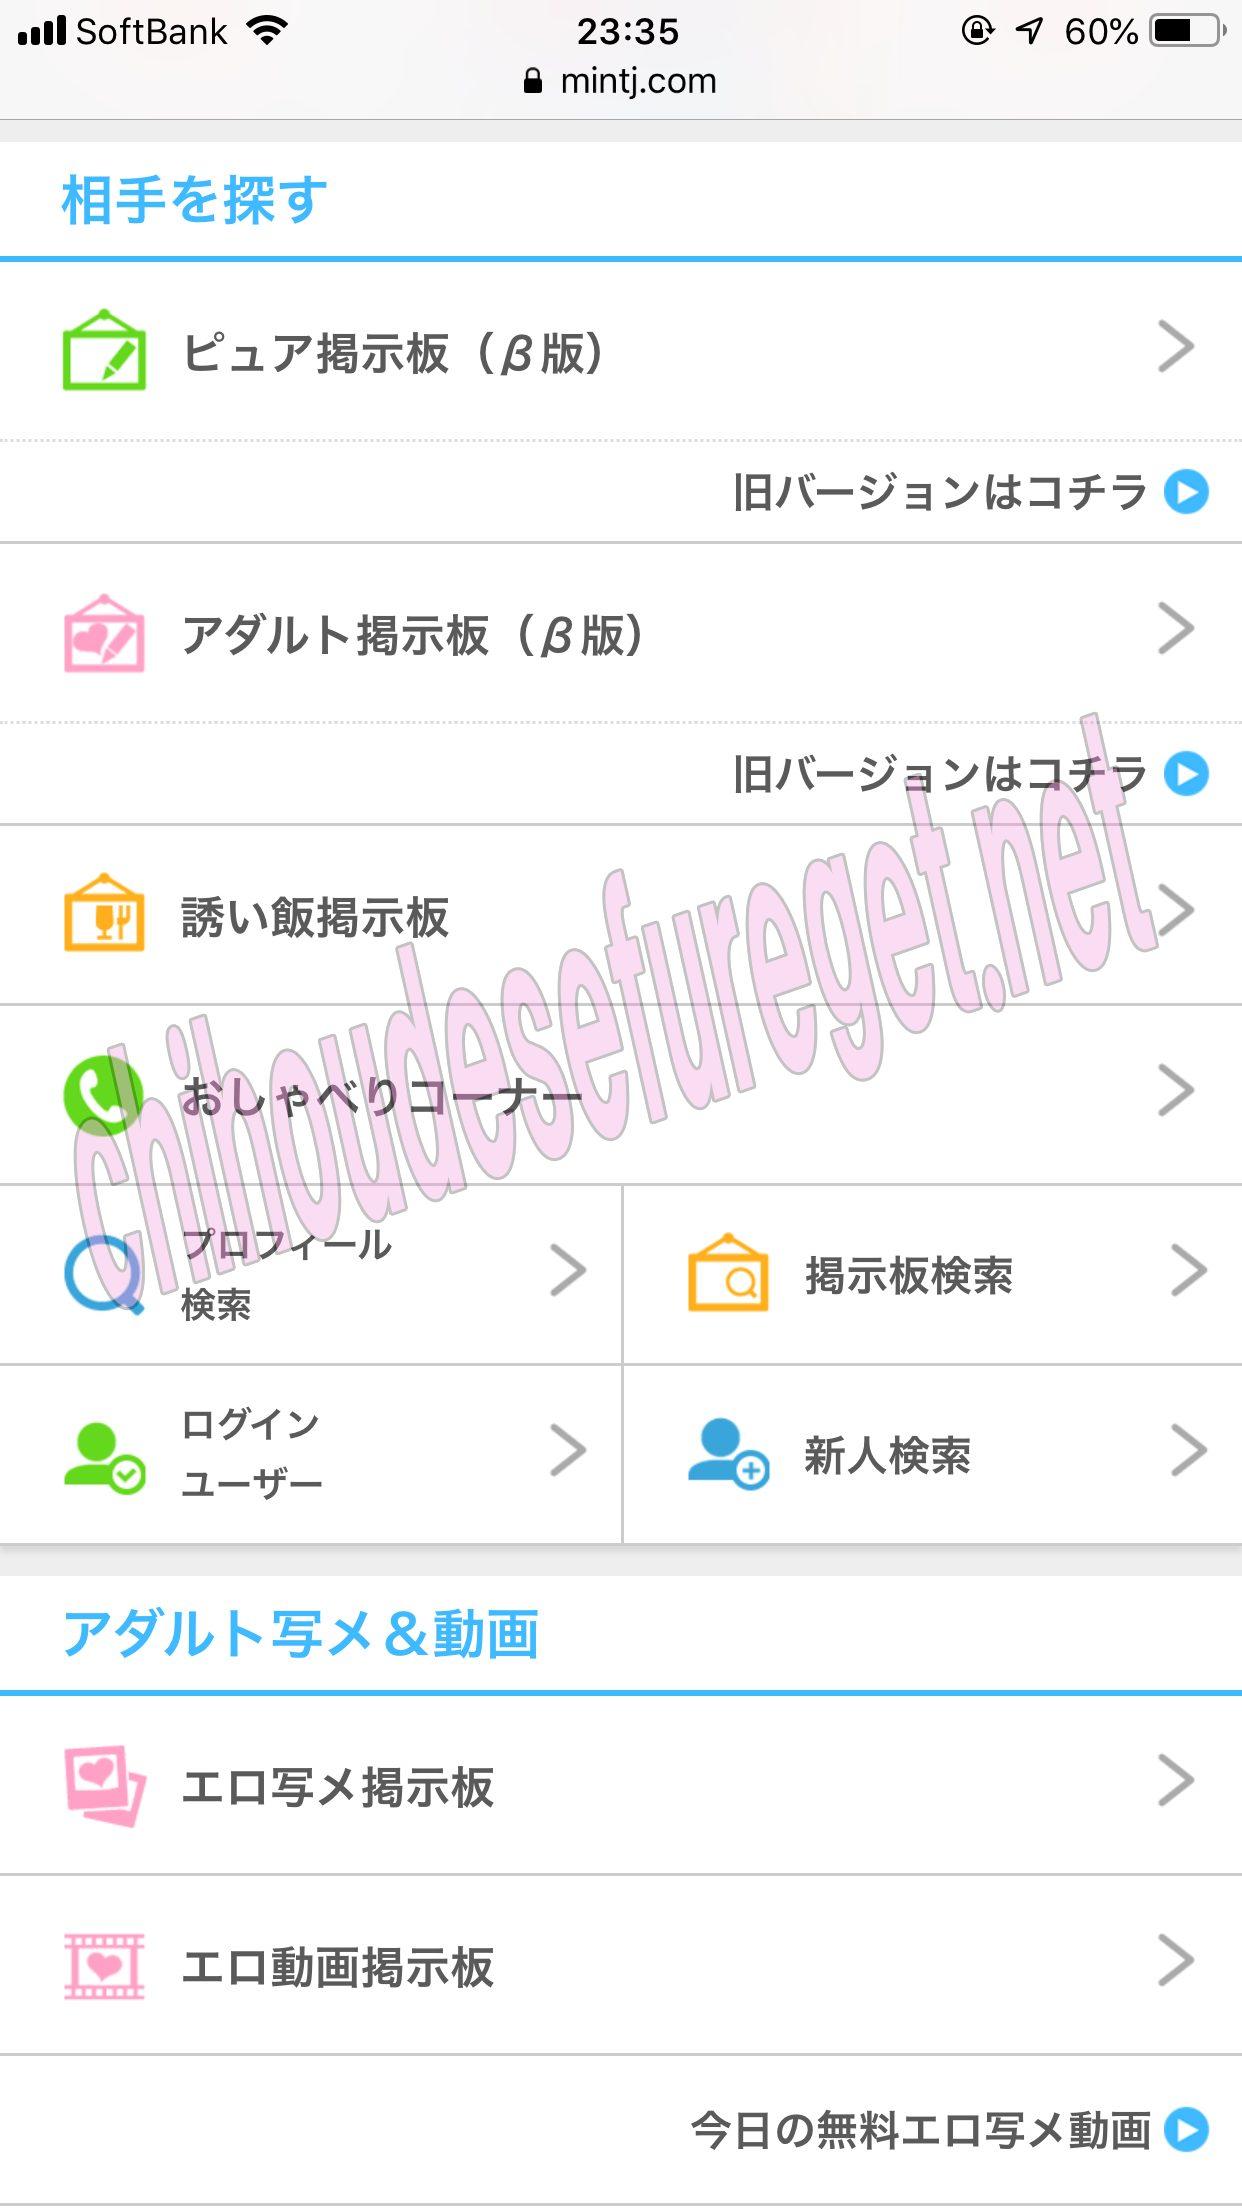 熊本セフレjメール2